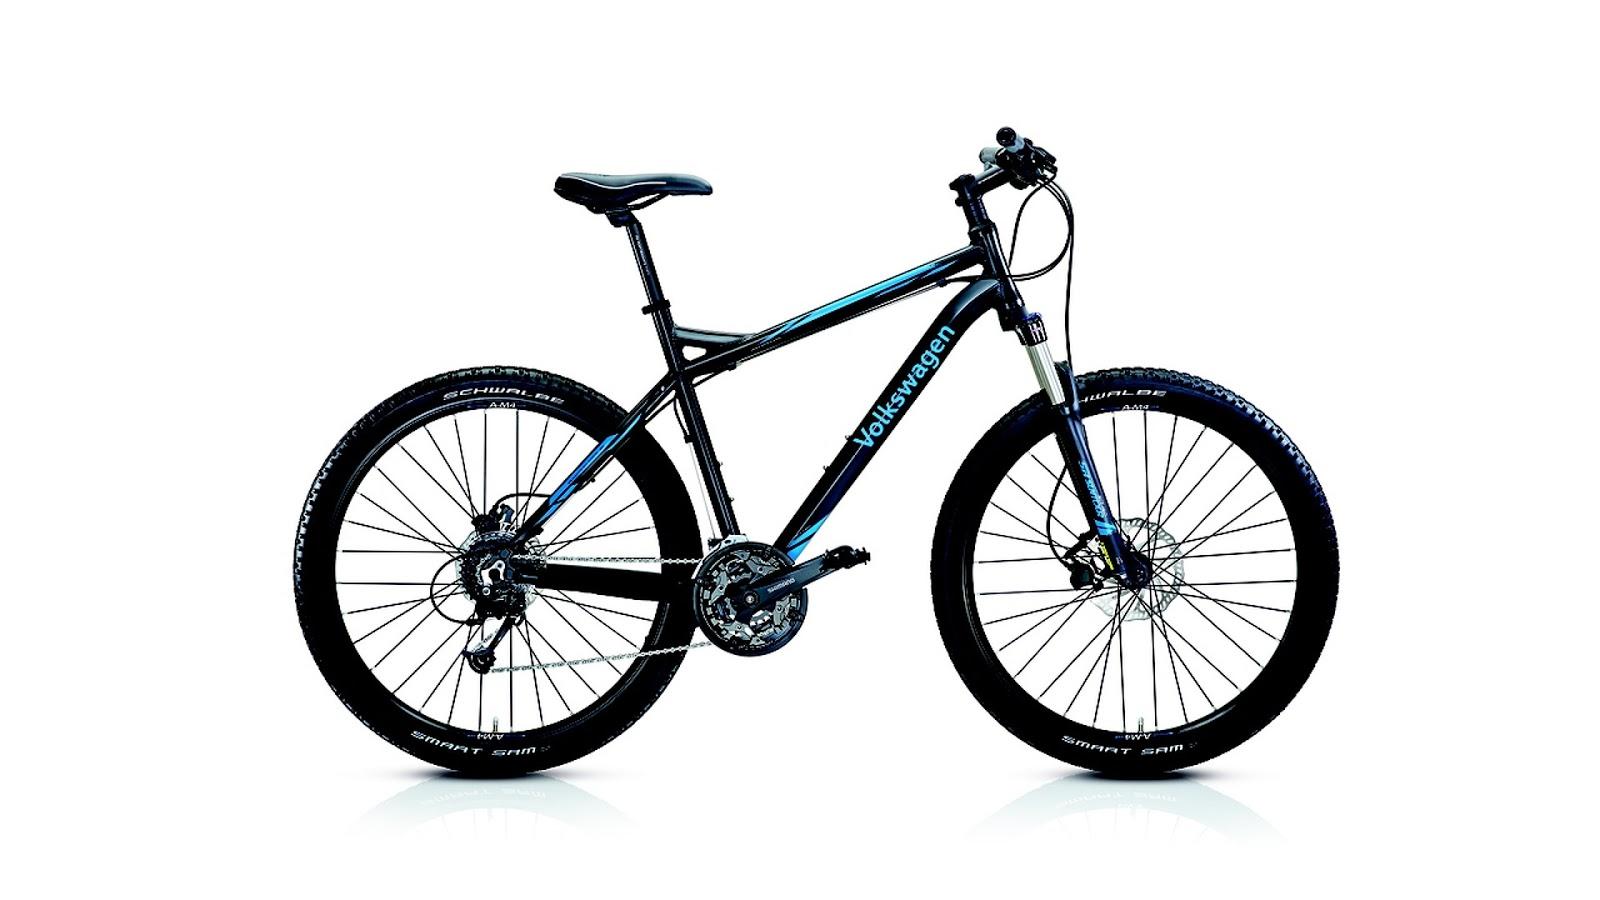 Bike Volkswagen Precos Fotos E Especificacoes Tecnicas